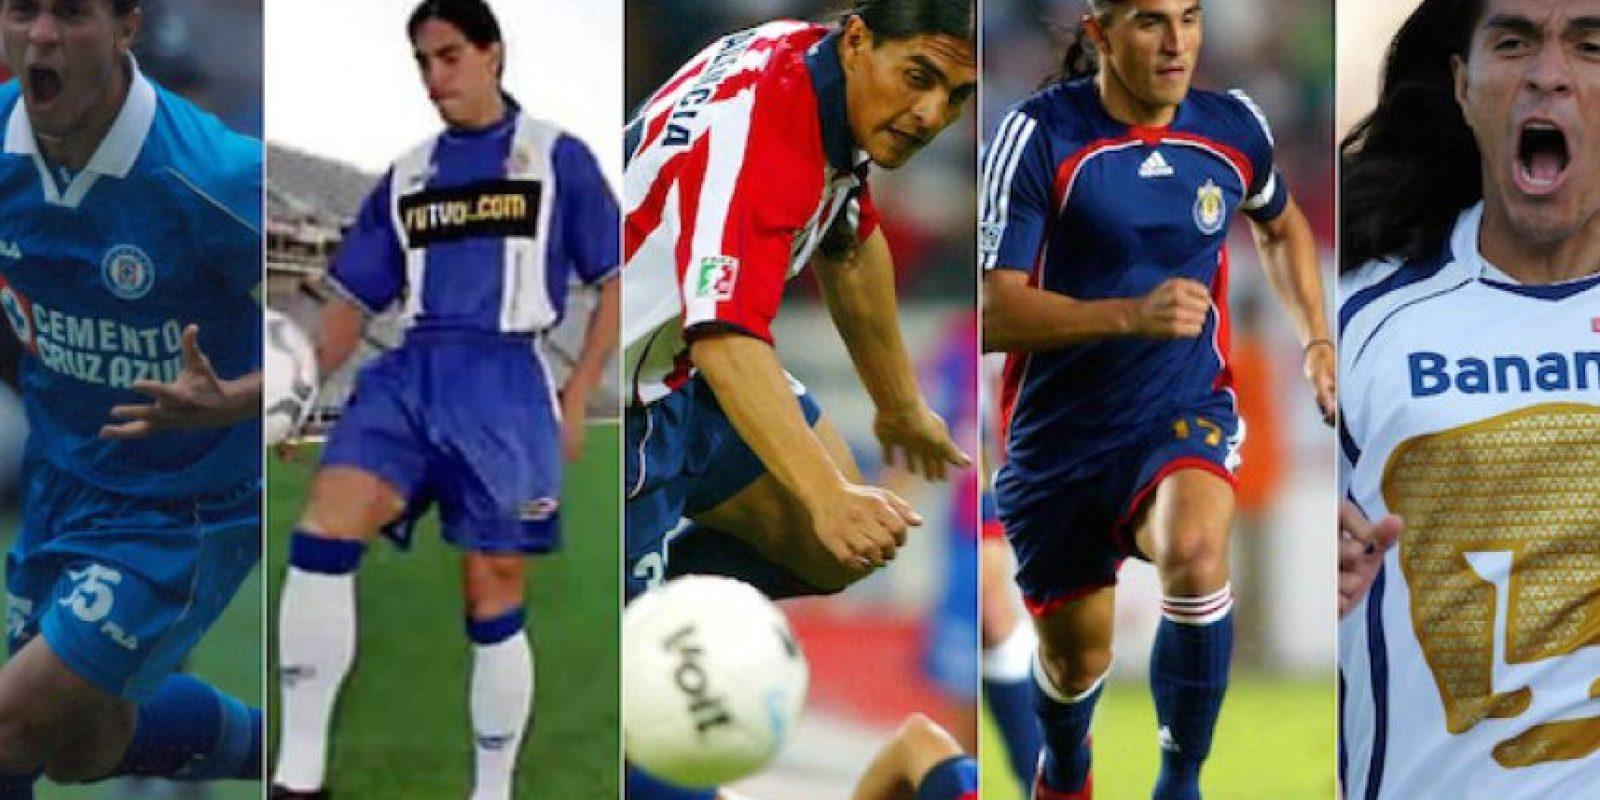 2.- Equipos: Palencia jugó para cinco equipos durante su trayectoria: Cruz Azul, Espanyol de Barcelona, Chivas, Chivas USA y Pumas Foto:Especial